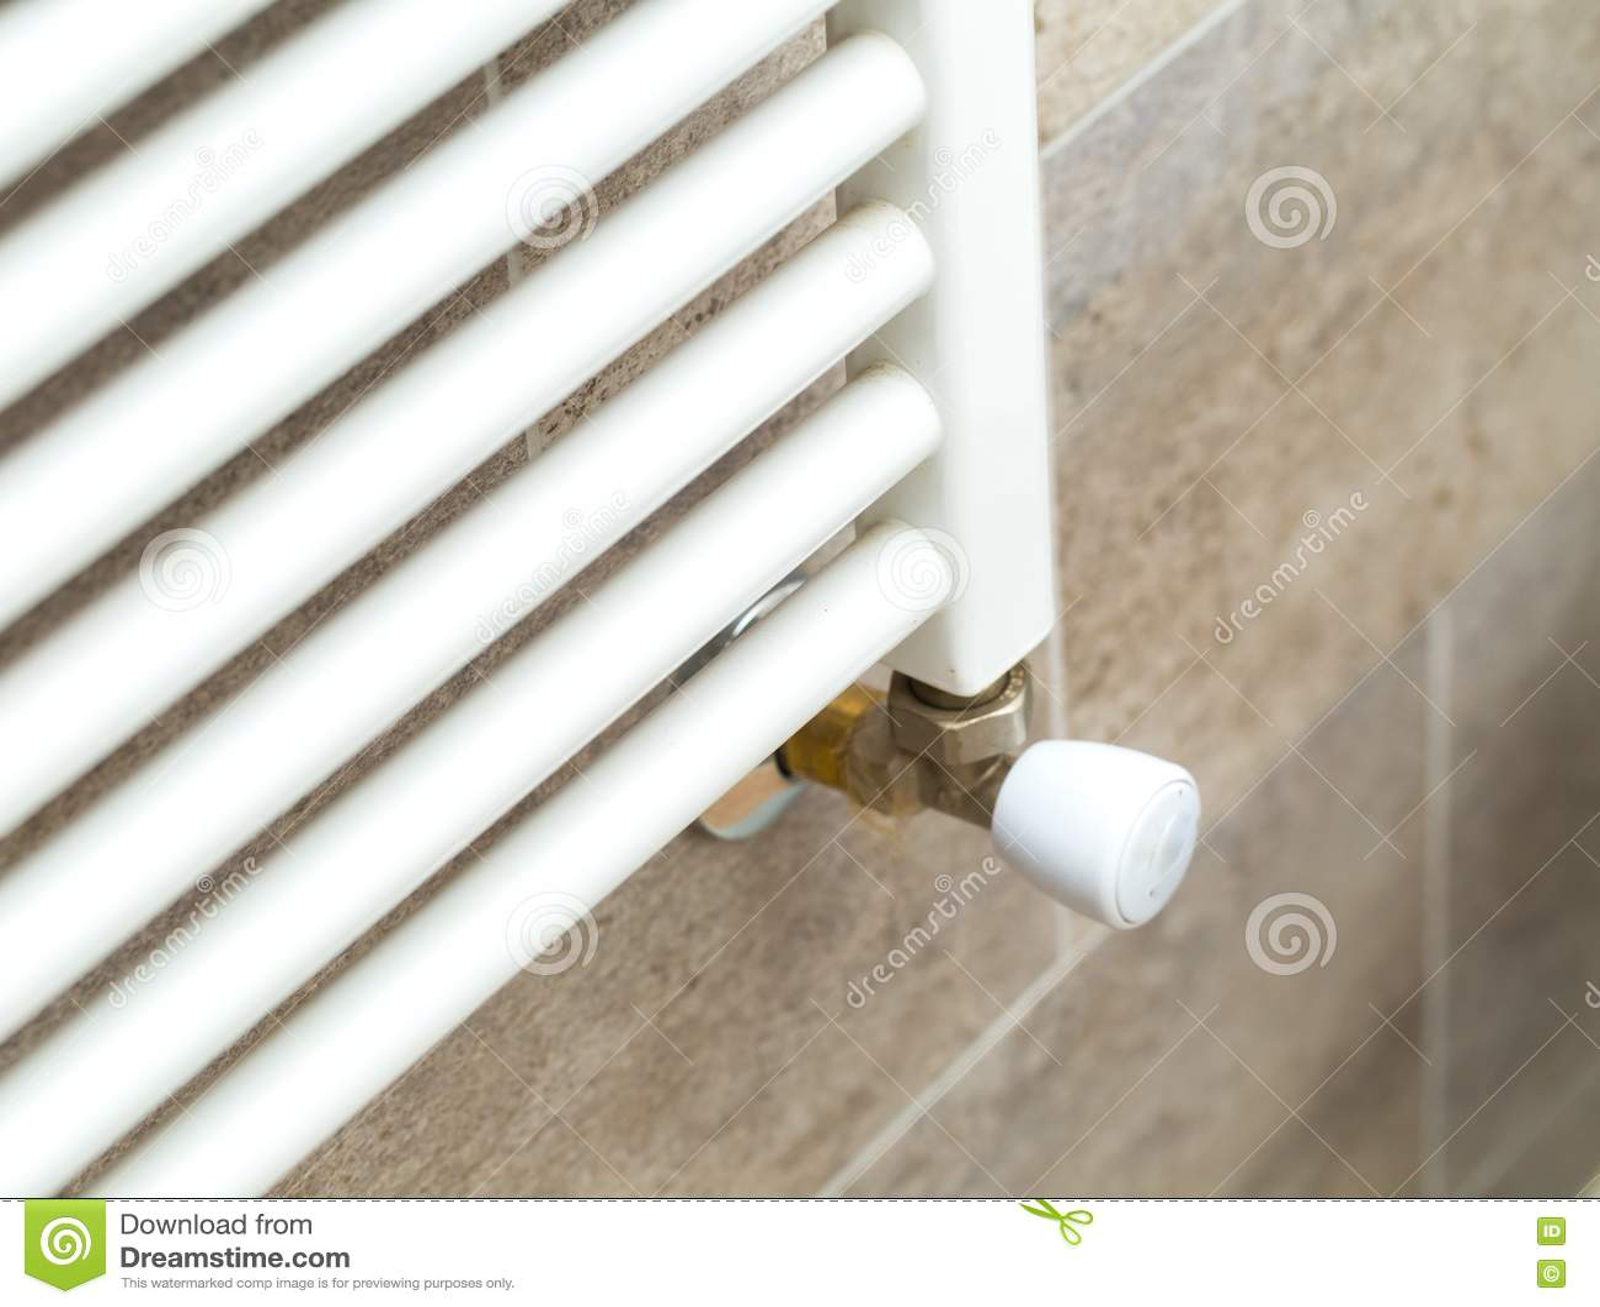 Calentadores Para Cuartos De Bano.Cierrese Para Arriba Del Calentador Blanco Del Cuarto De